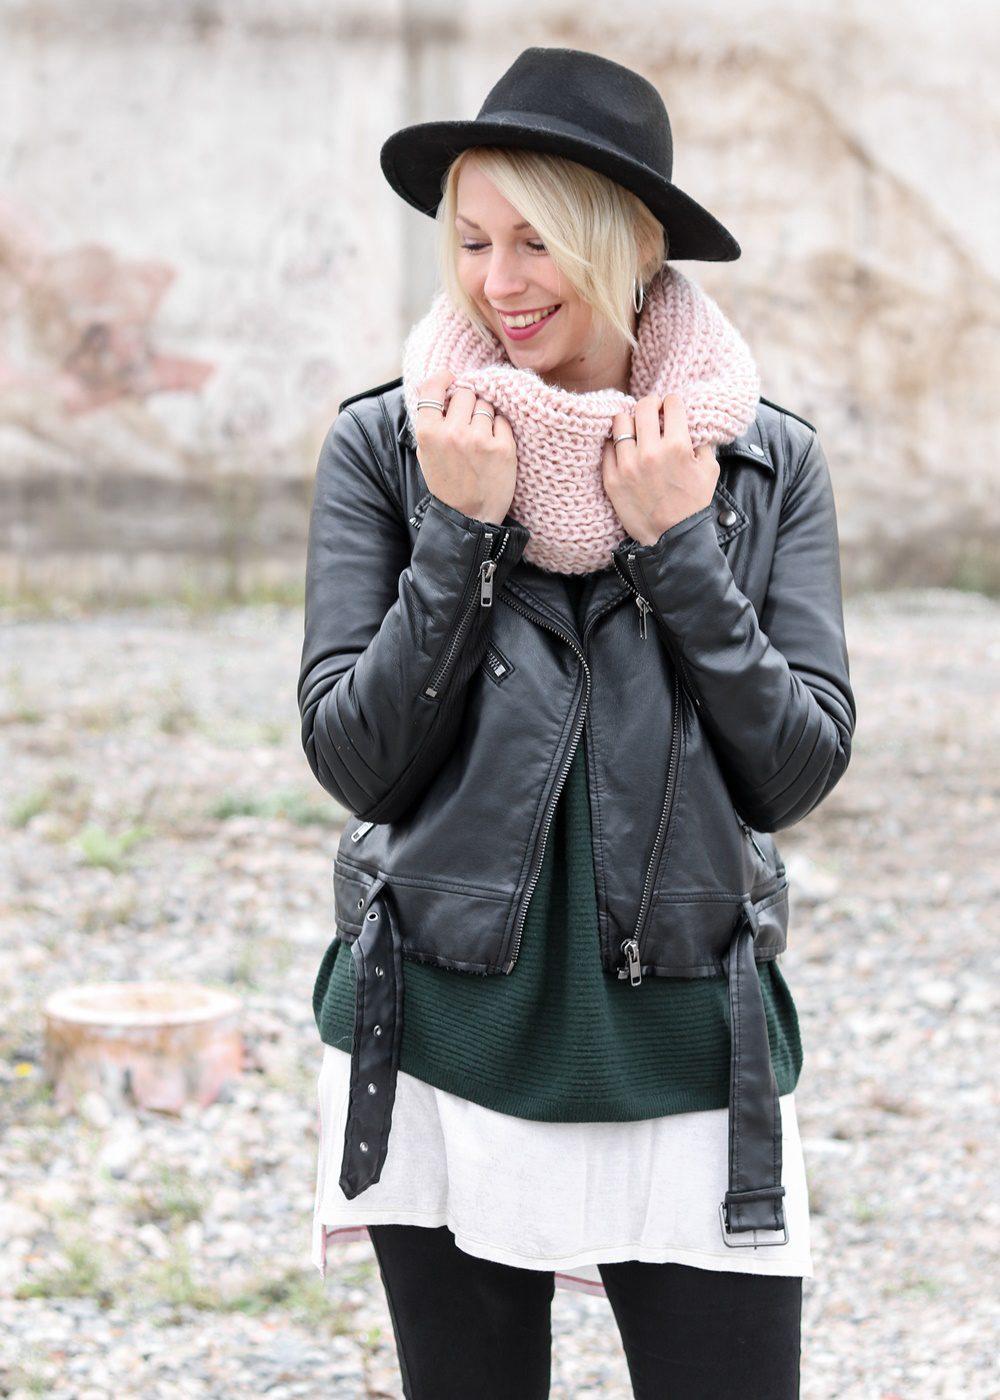 outfit-roland-schnuerstiefel-tamaris-rose-strickpullover-vero-moda-khaki-hut-jeans-7